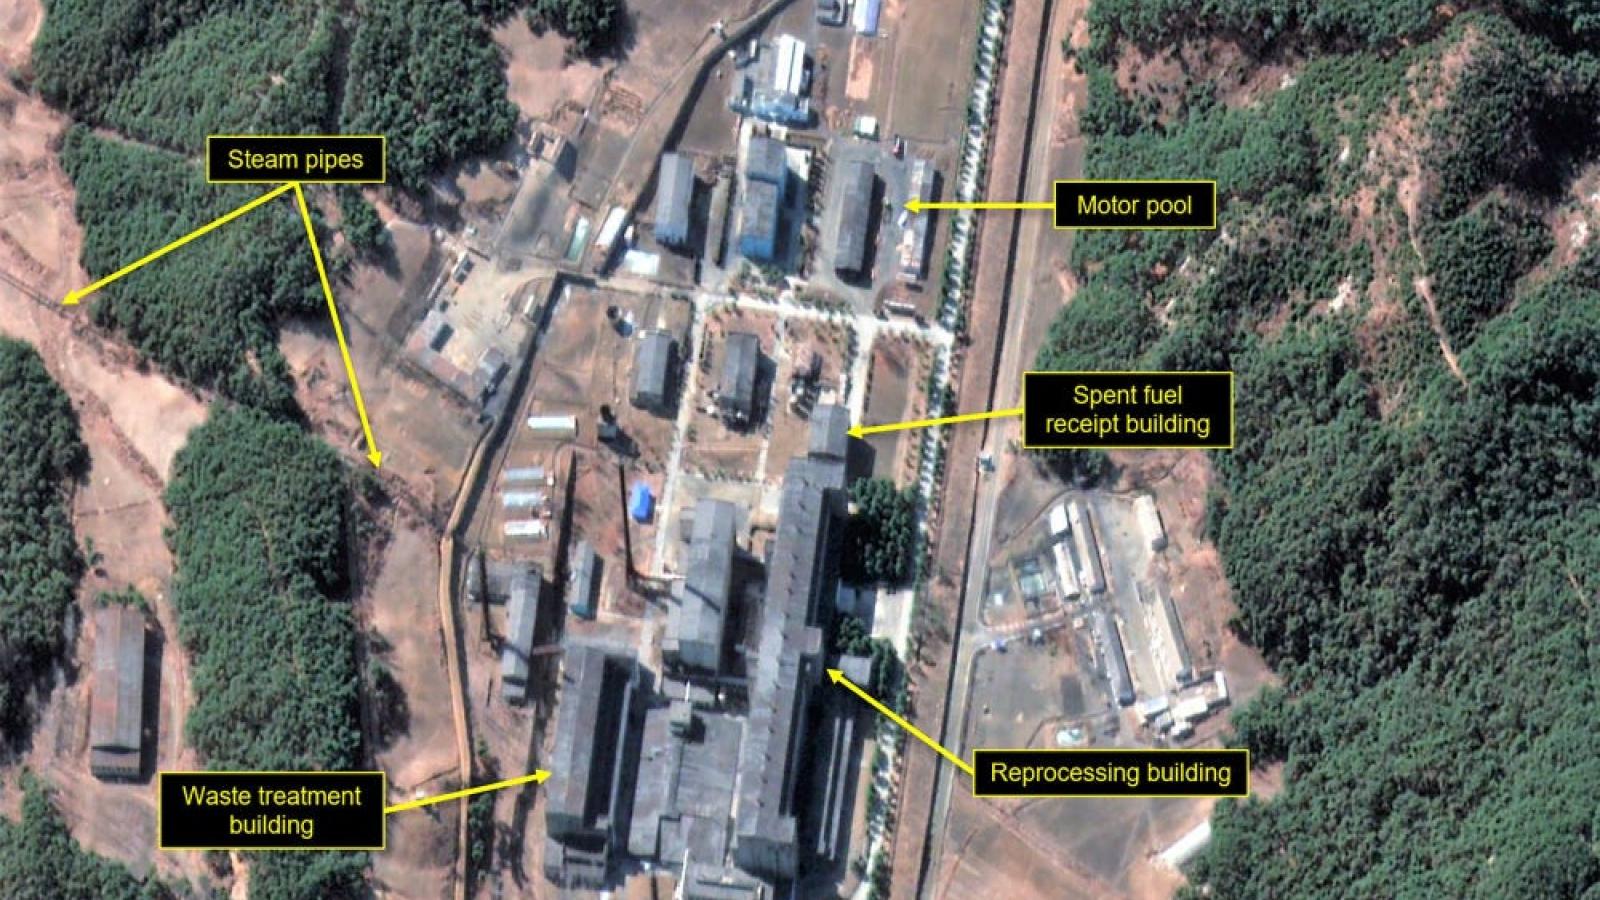 Triều Tiên bị nghi khởi động lại lò phản ứng hạt nhân ở Yongbyon